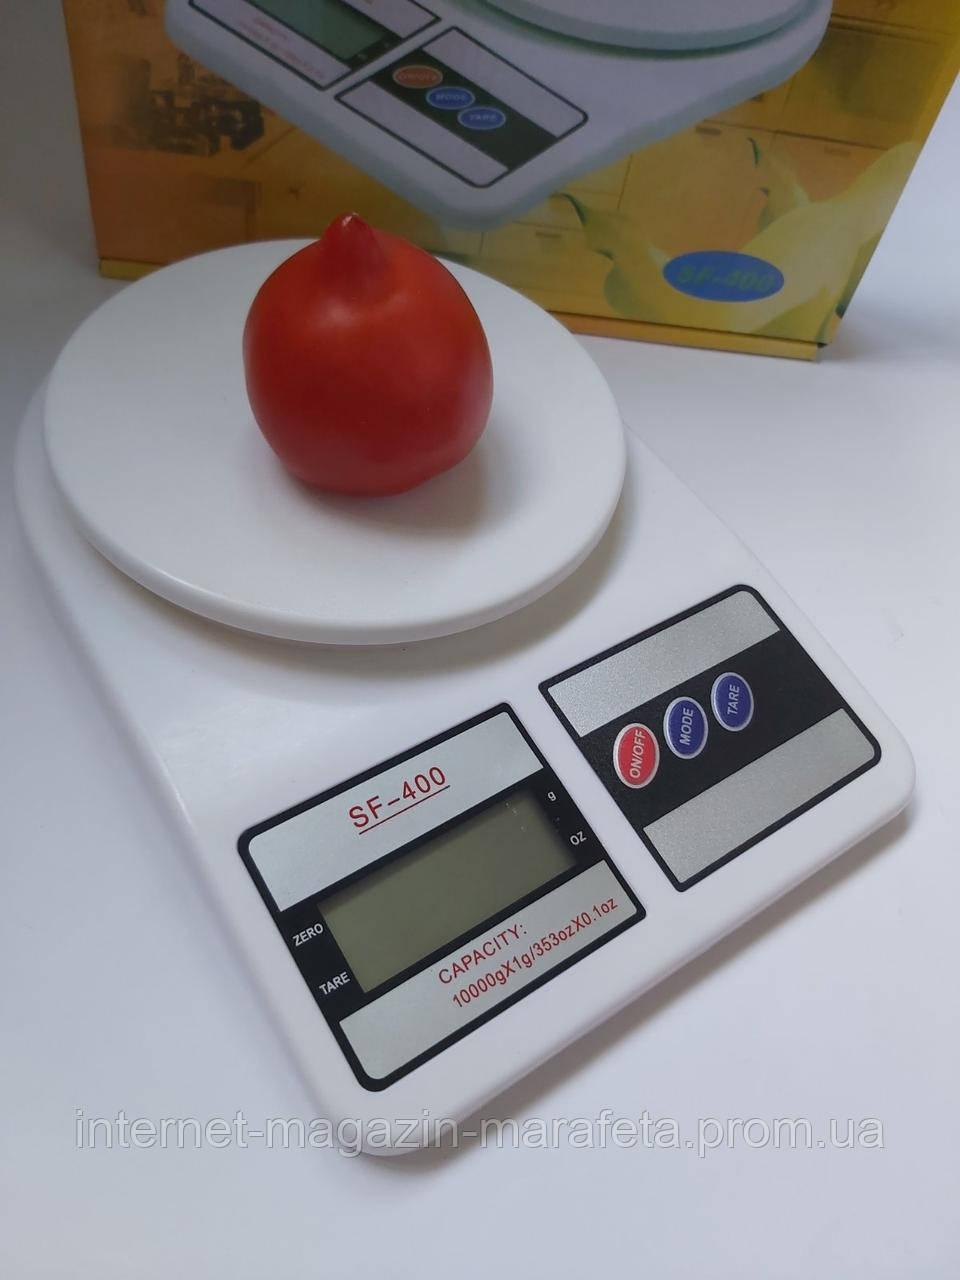 Кухонные электронные весы SF-400 с жидкокристалическим дисплеем